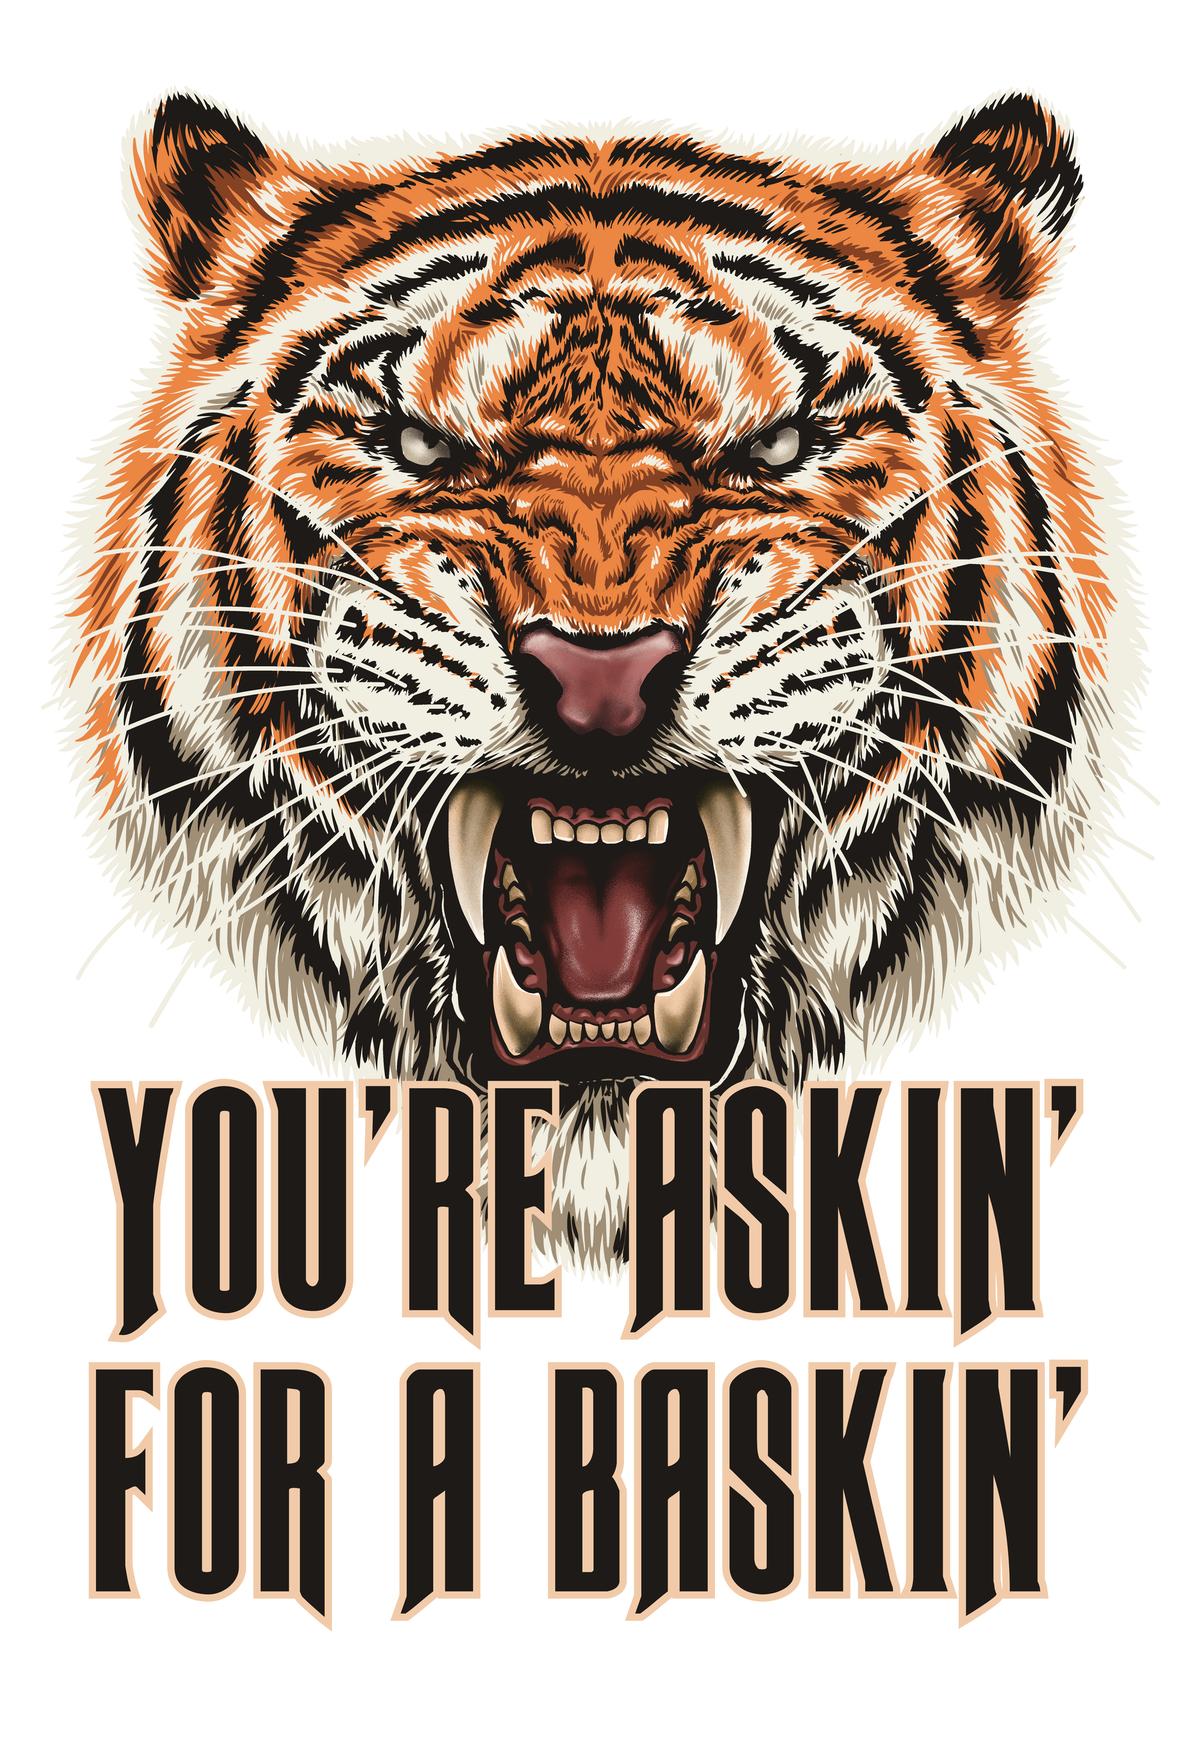 Askin' for a Baskin